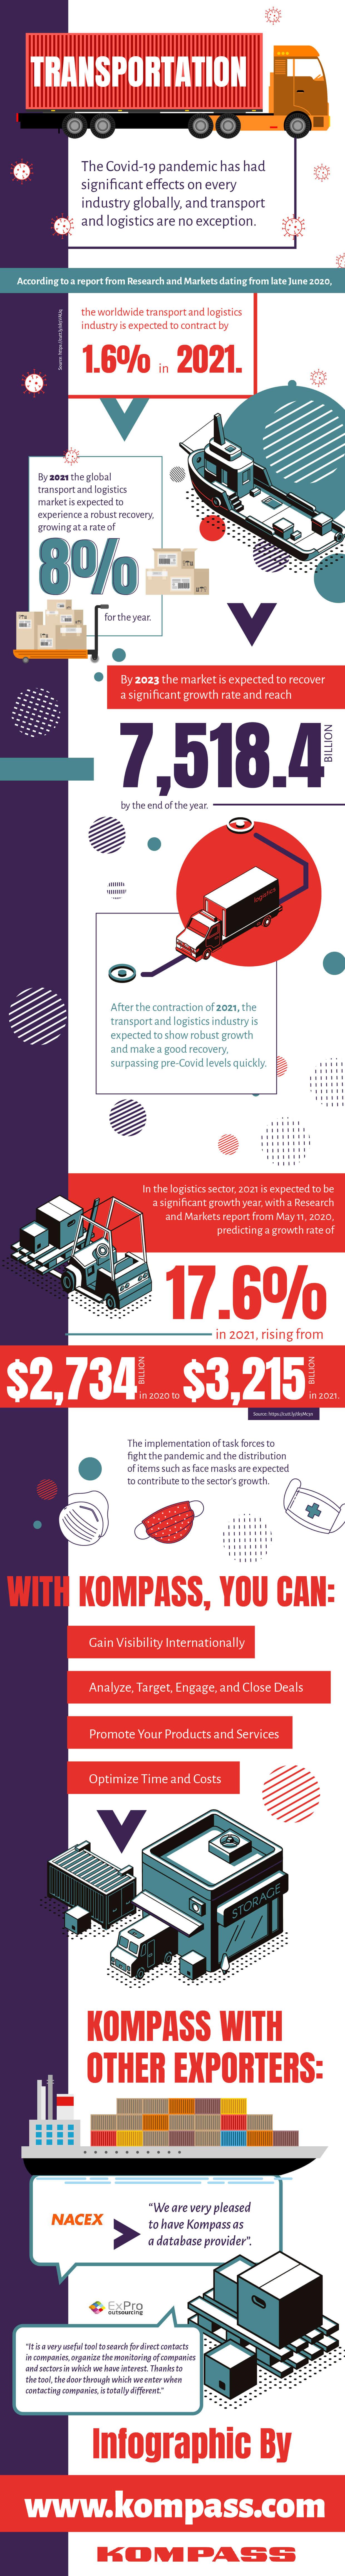 Transportation and Logistics Sectors trends